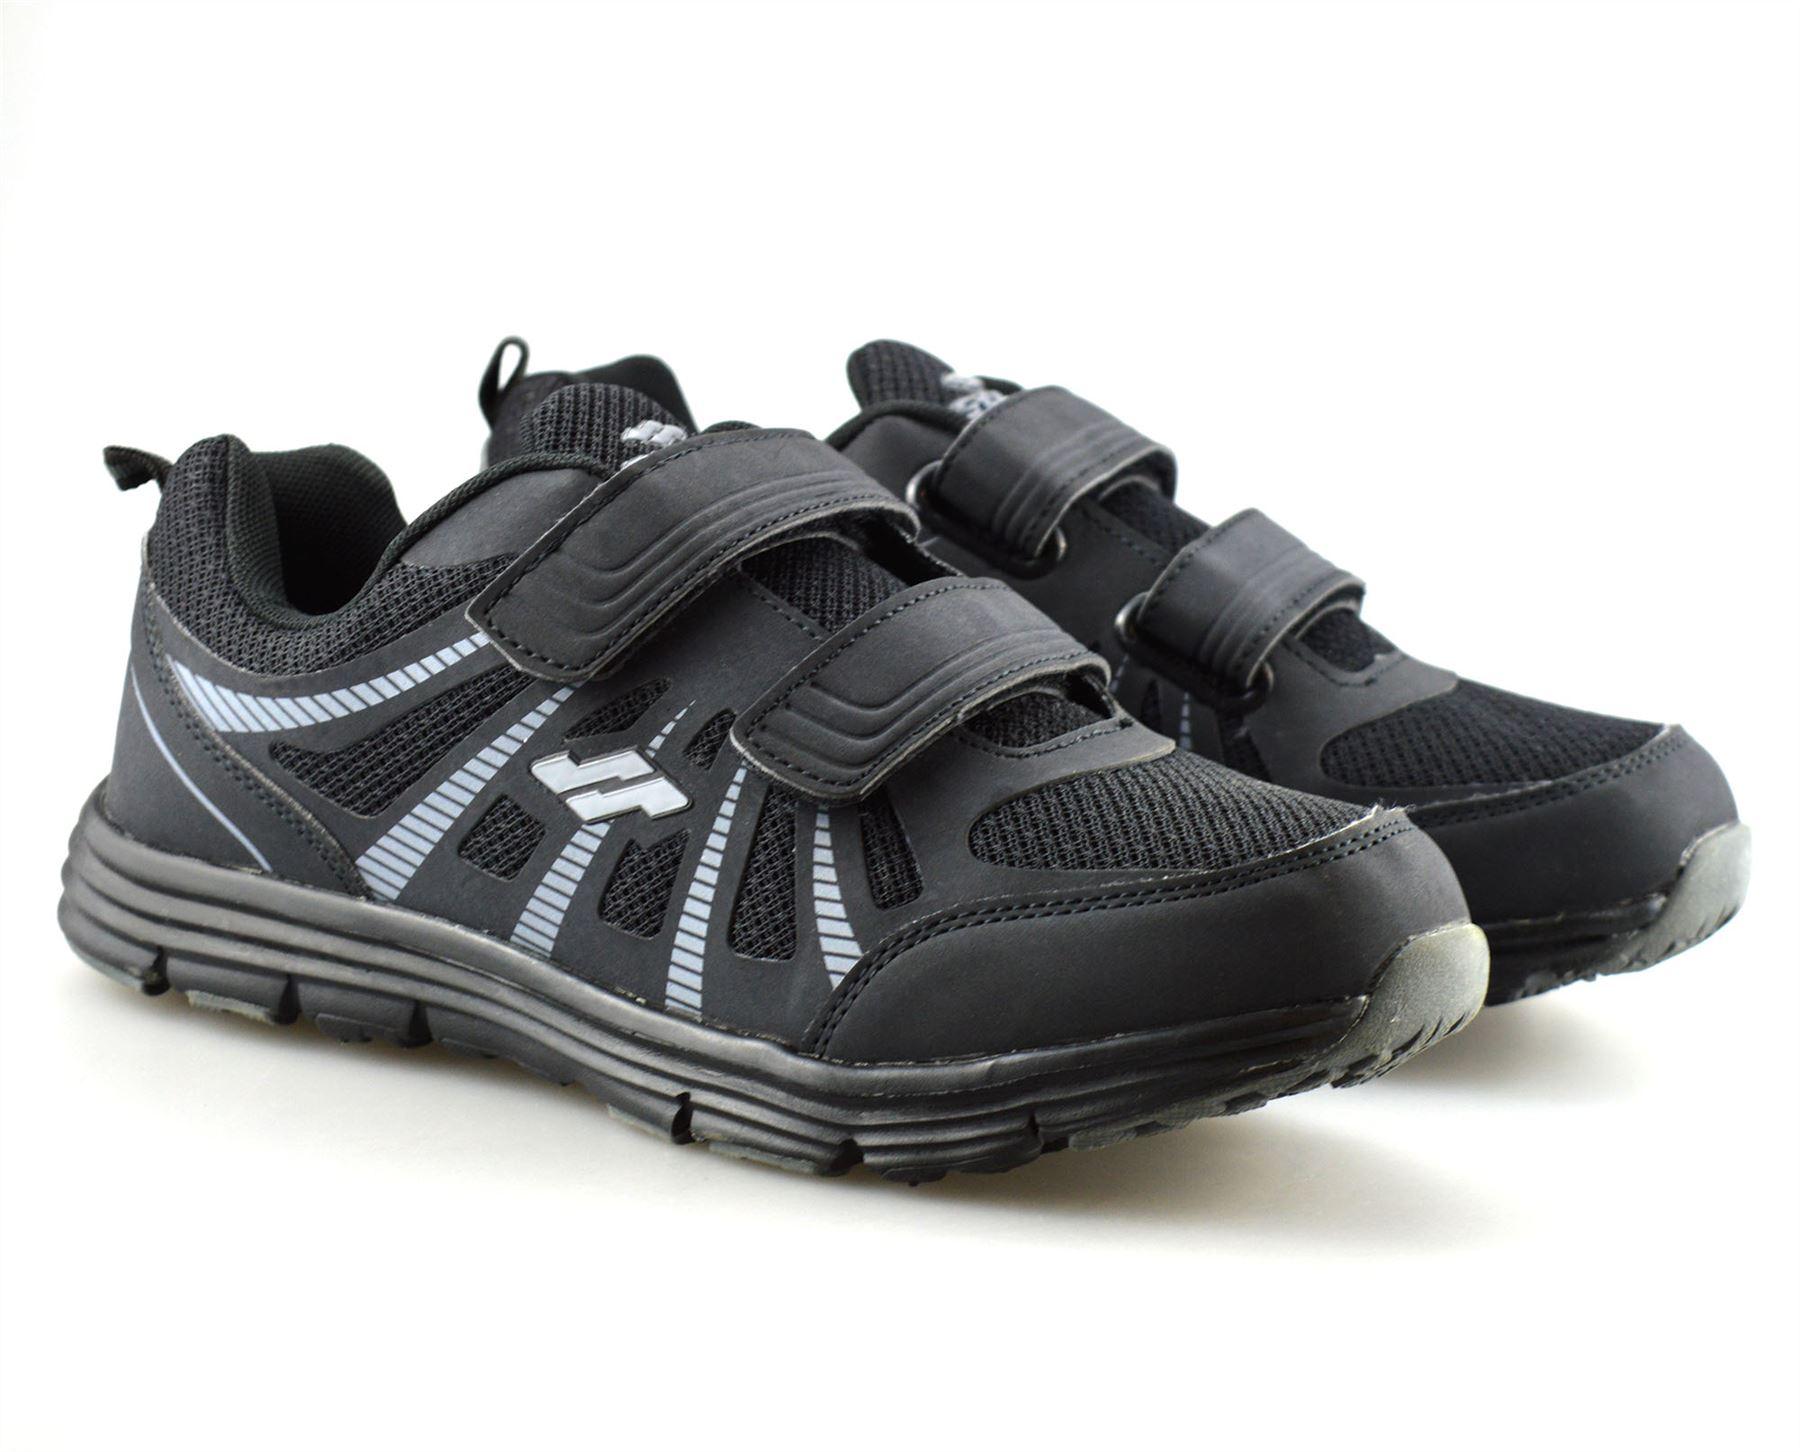 Hombre-Nuevo-Casual-Tactil-Correa-Pasear-Running-Gimnasio-Deportes-Ninos-Zapatillas-Zapatos-Talla miniatura 15